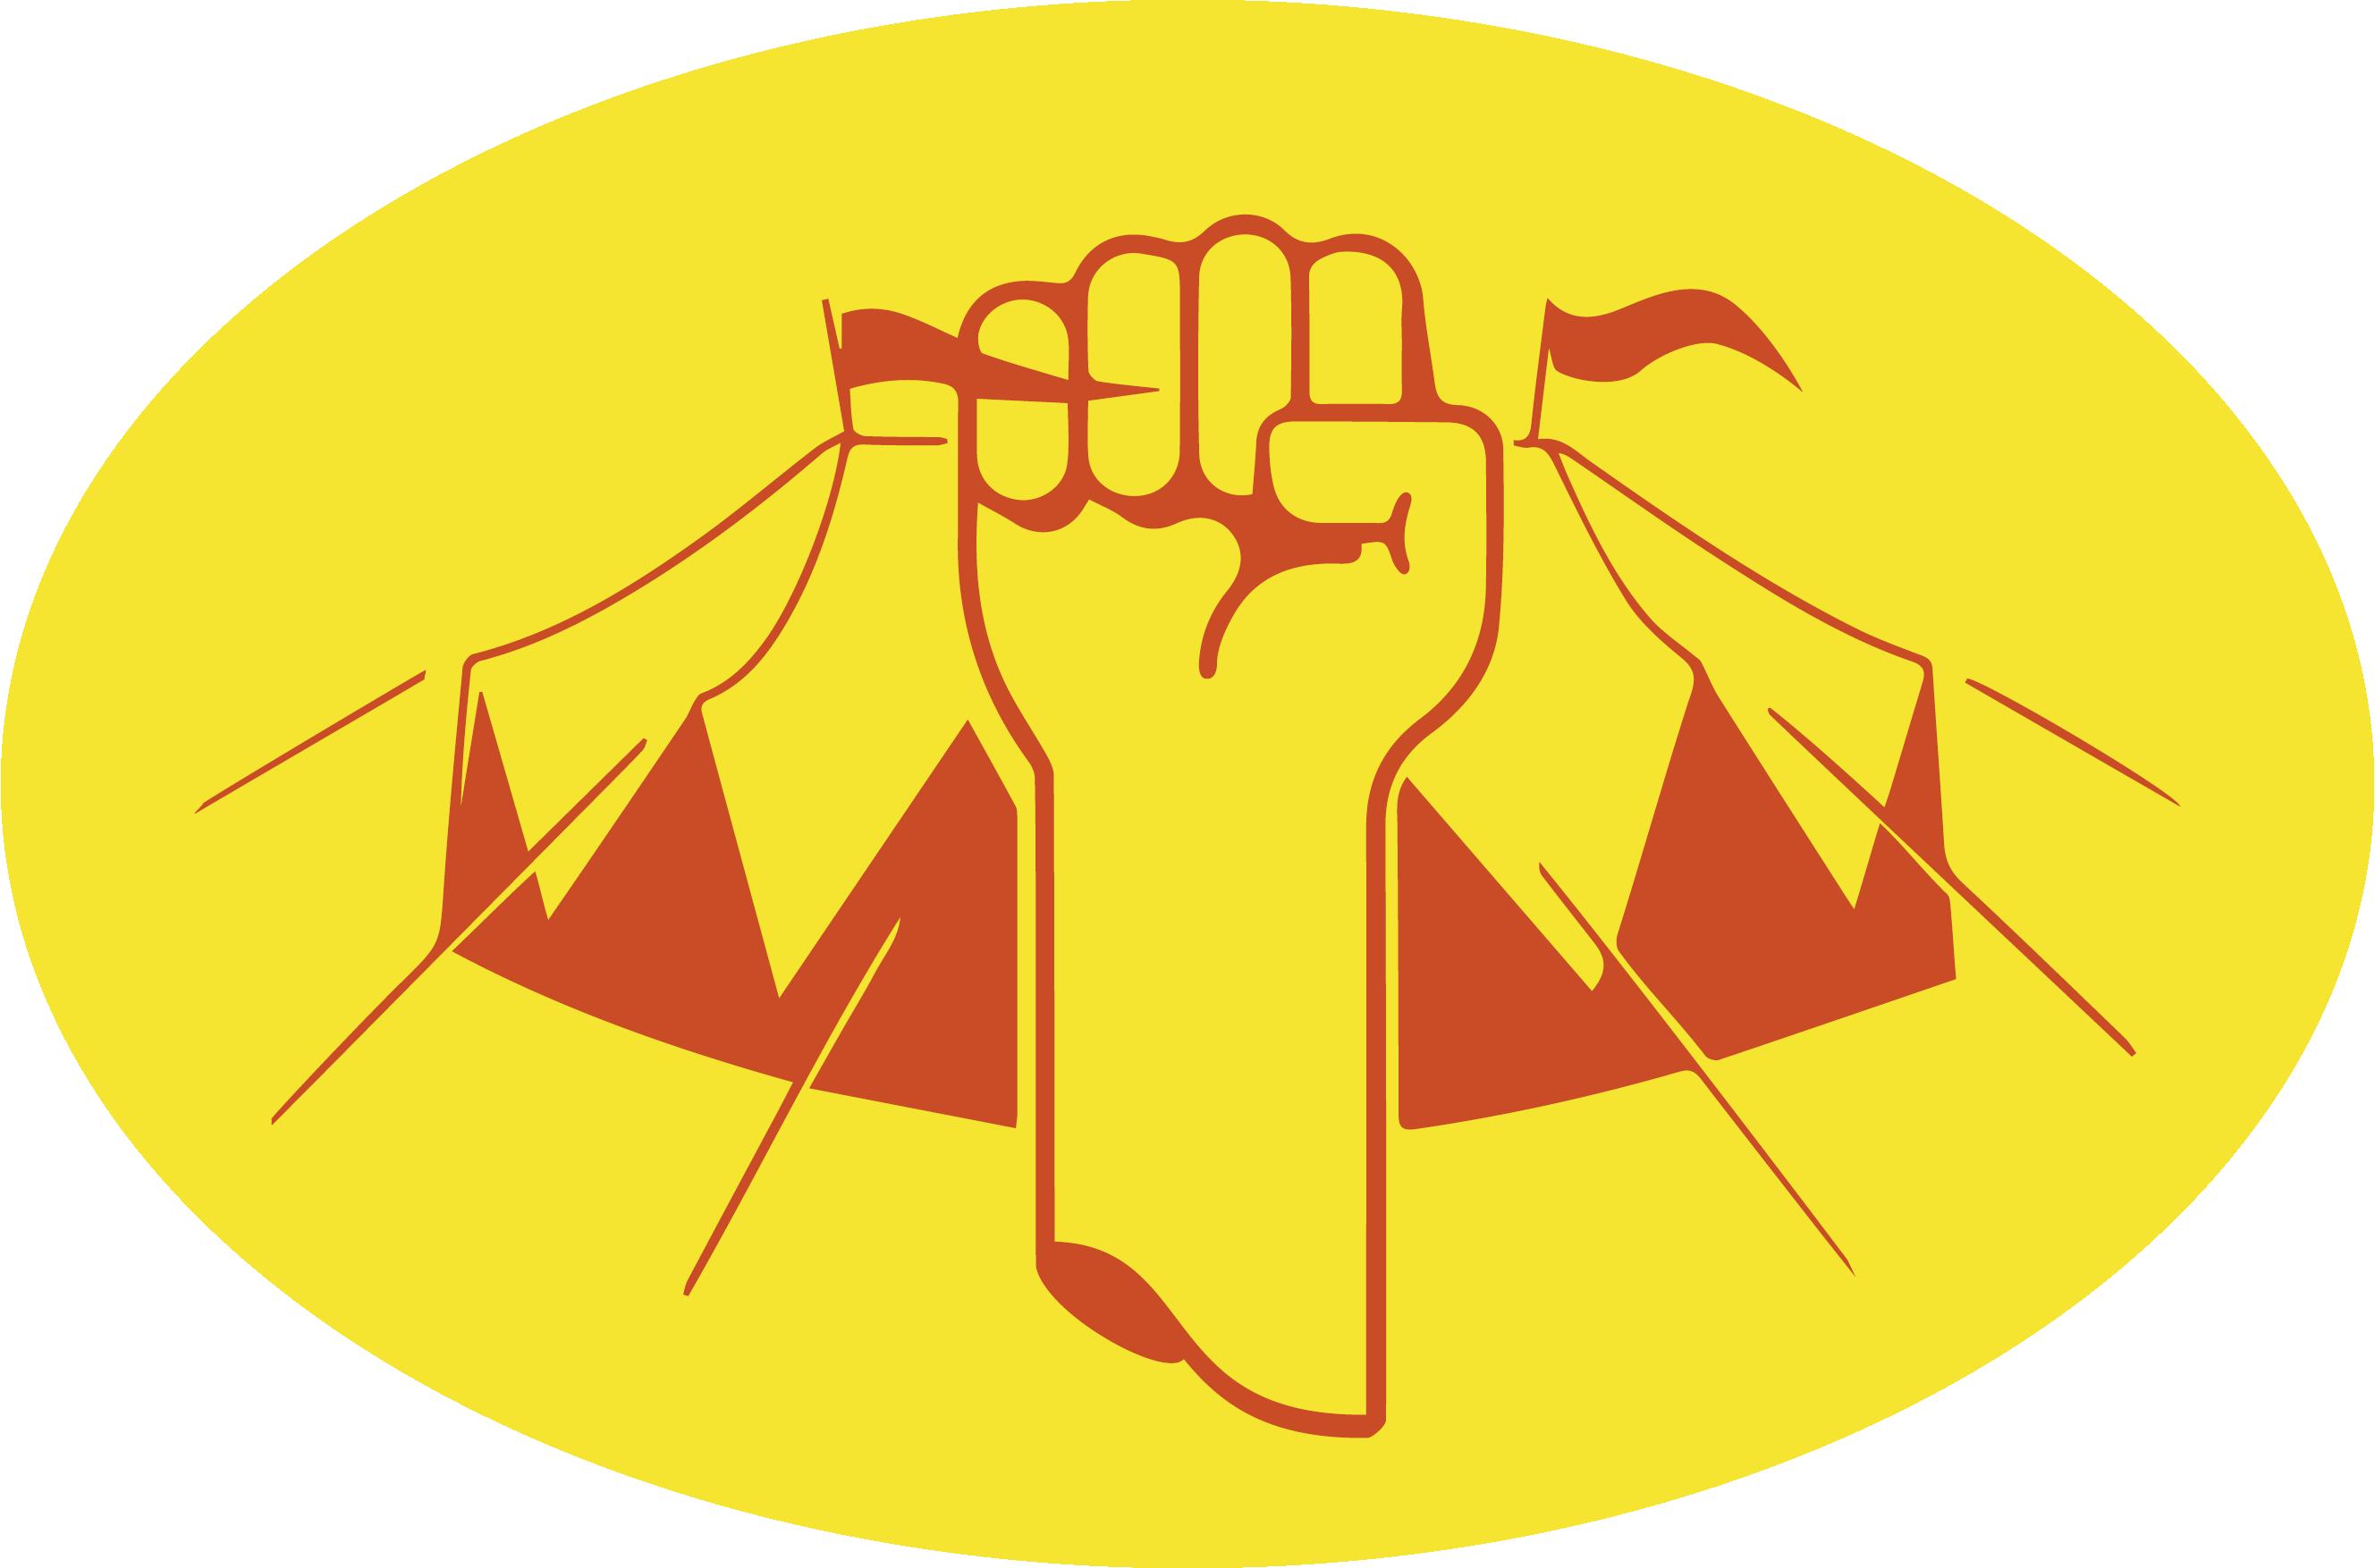 Memory - Wiener Zirkus im Nationalsozialismus | 22. August bis 19. September